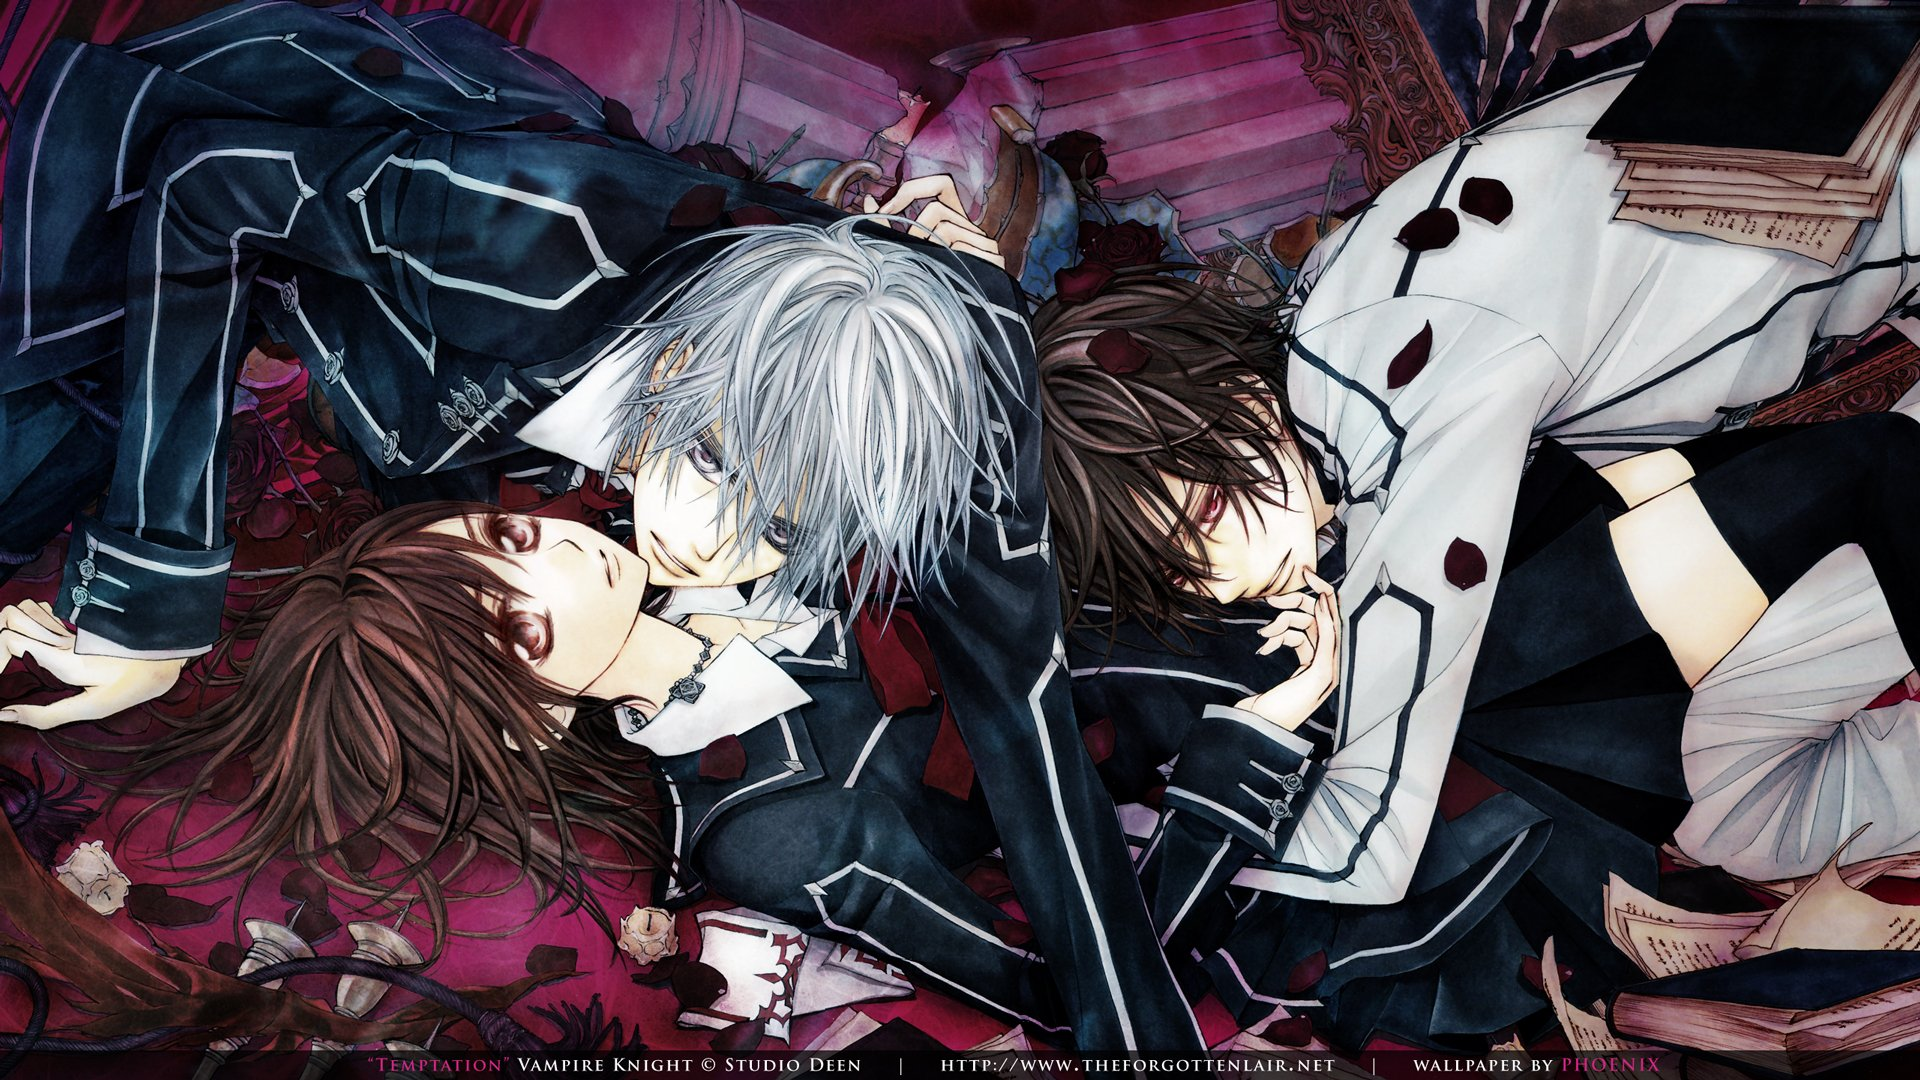 42 vampire knight hd wallpaper on wallpapersafari - Wallpaper vampire anime ...